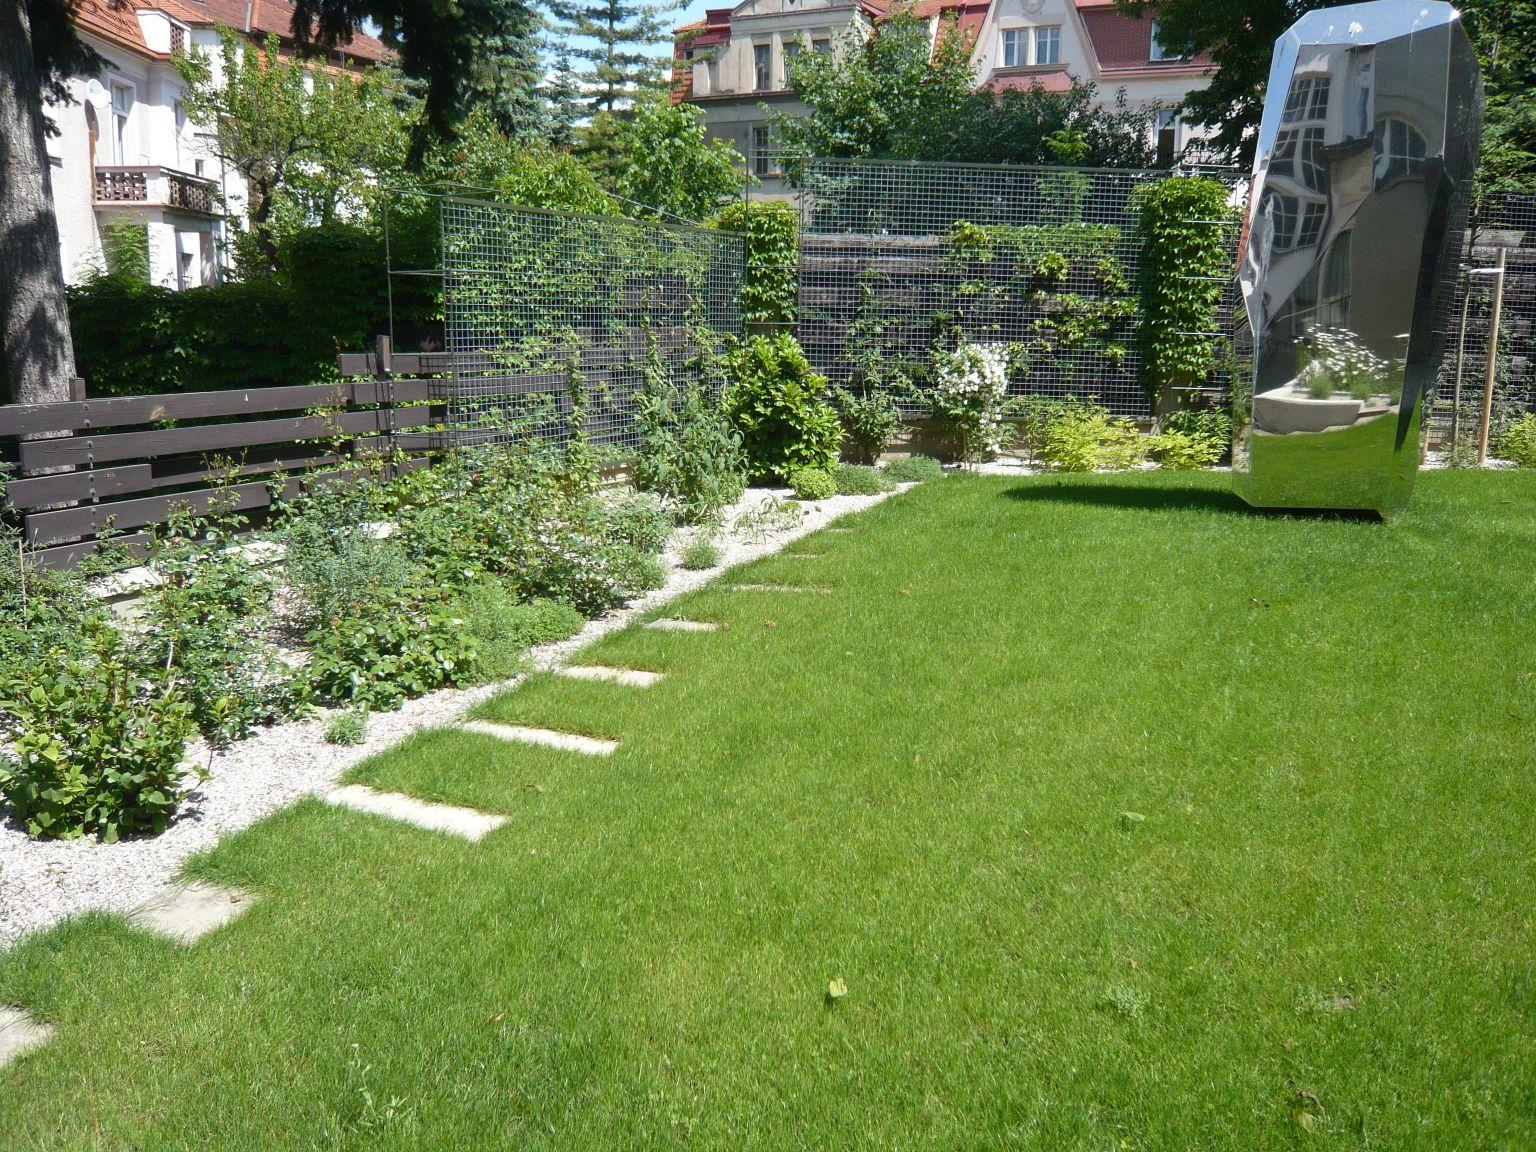 kvalitni-zahrada-je-hlavne-o-dobrem-konceptu.jpg